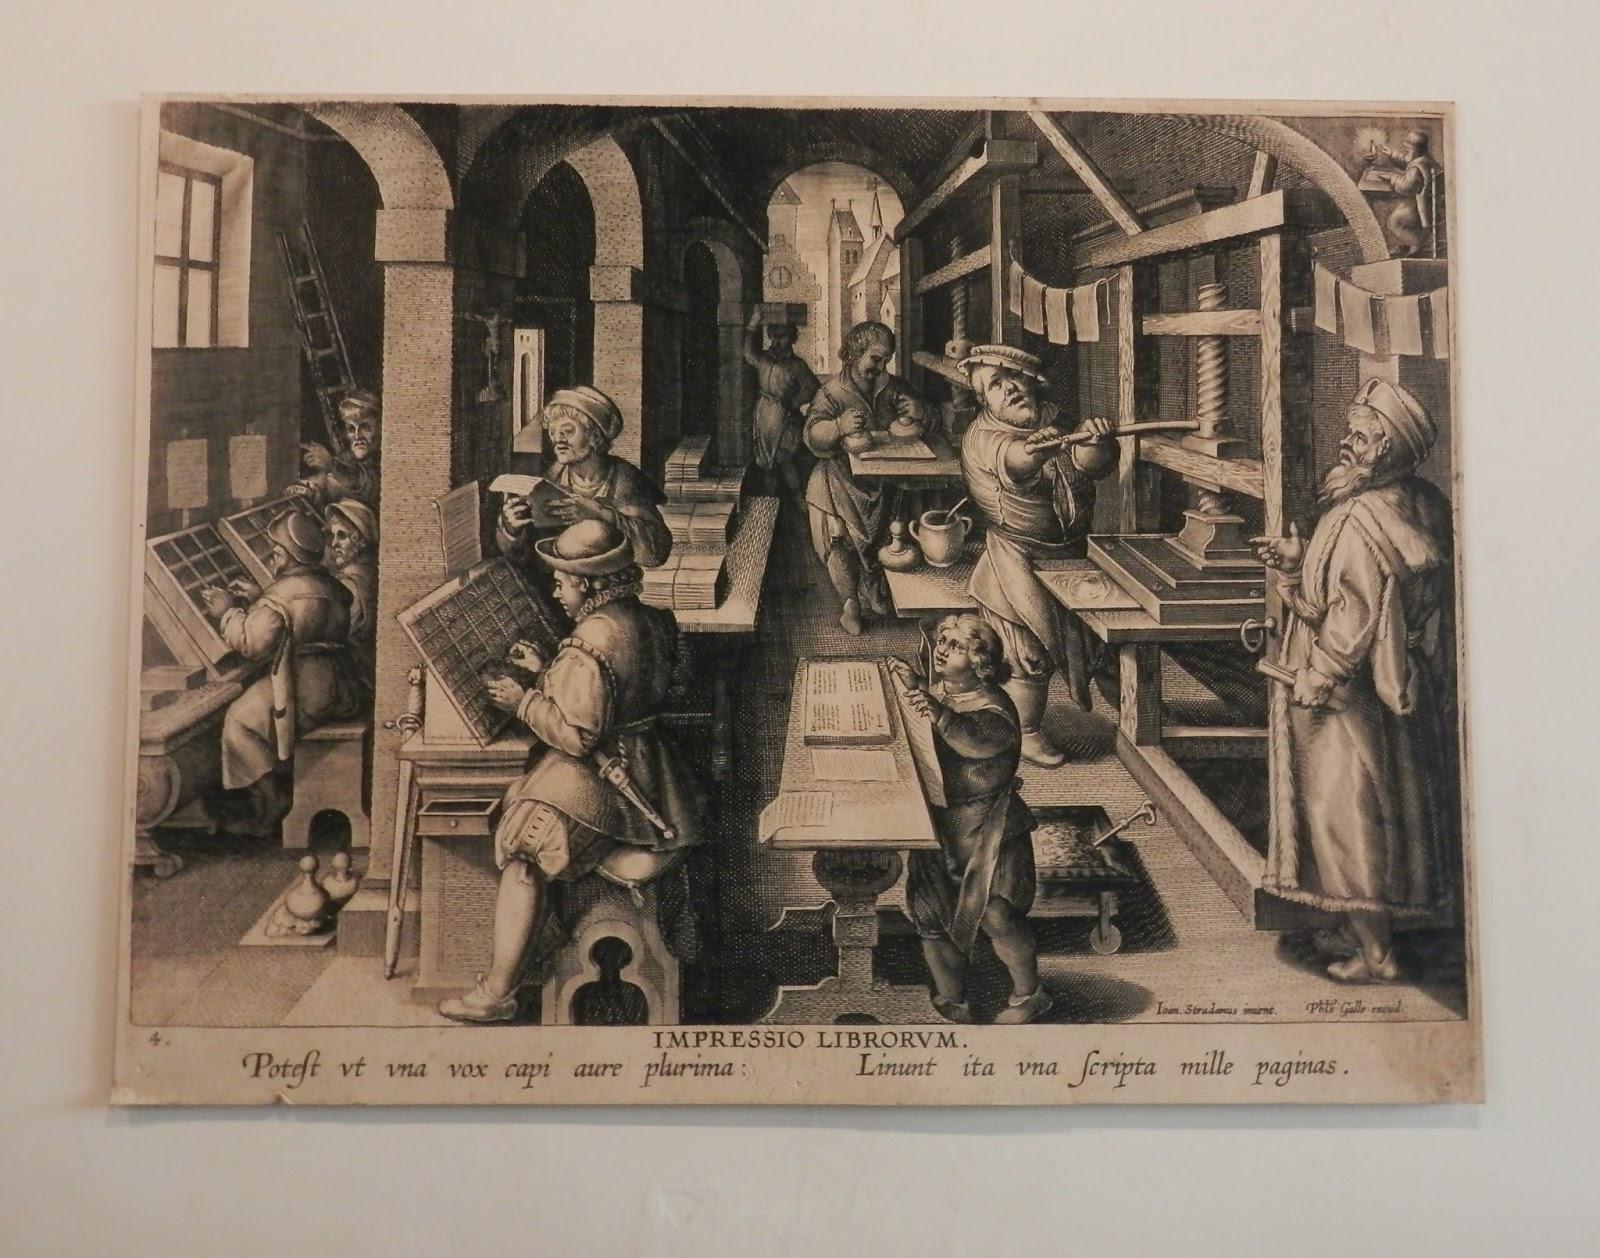 Impressio Librorum. Theodor Galle (Flemish, 1571–1633).